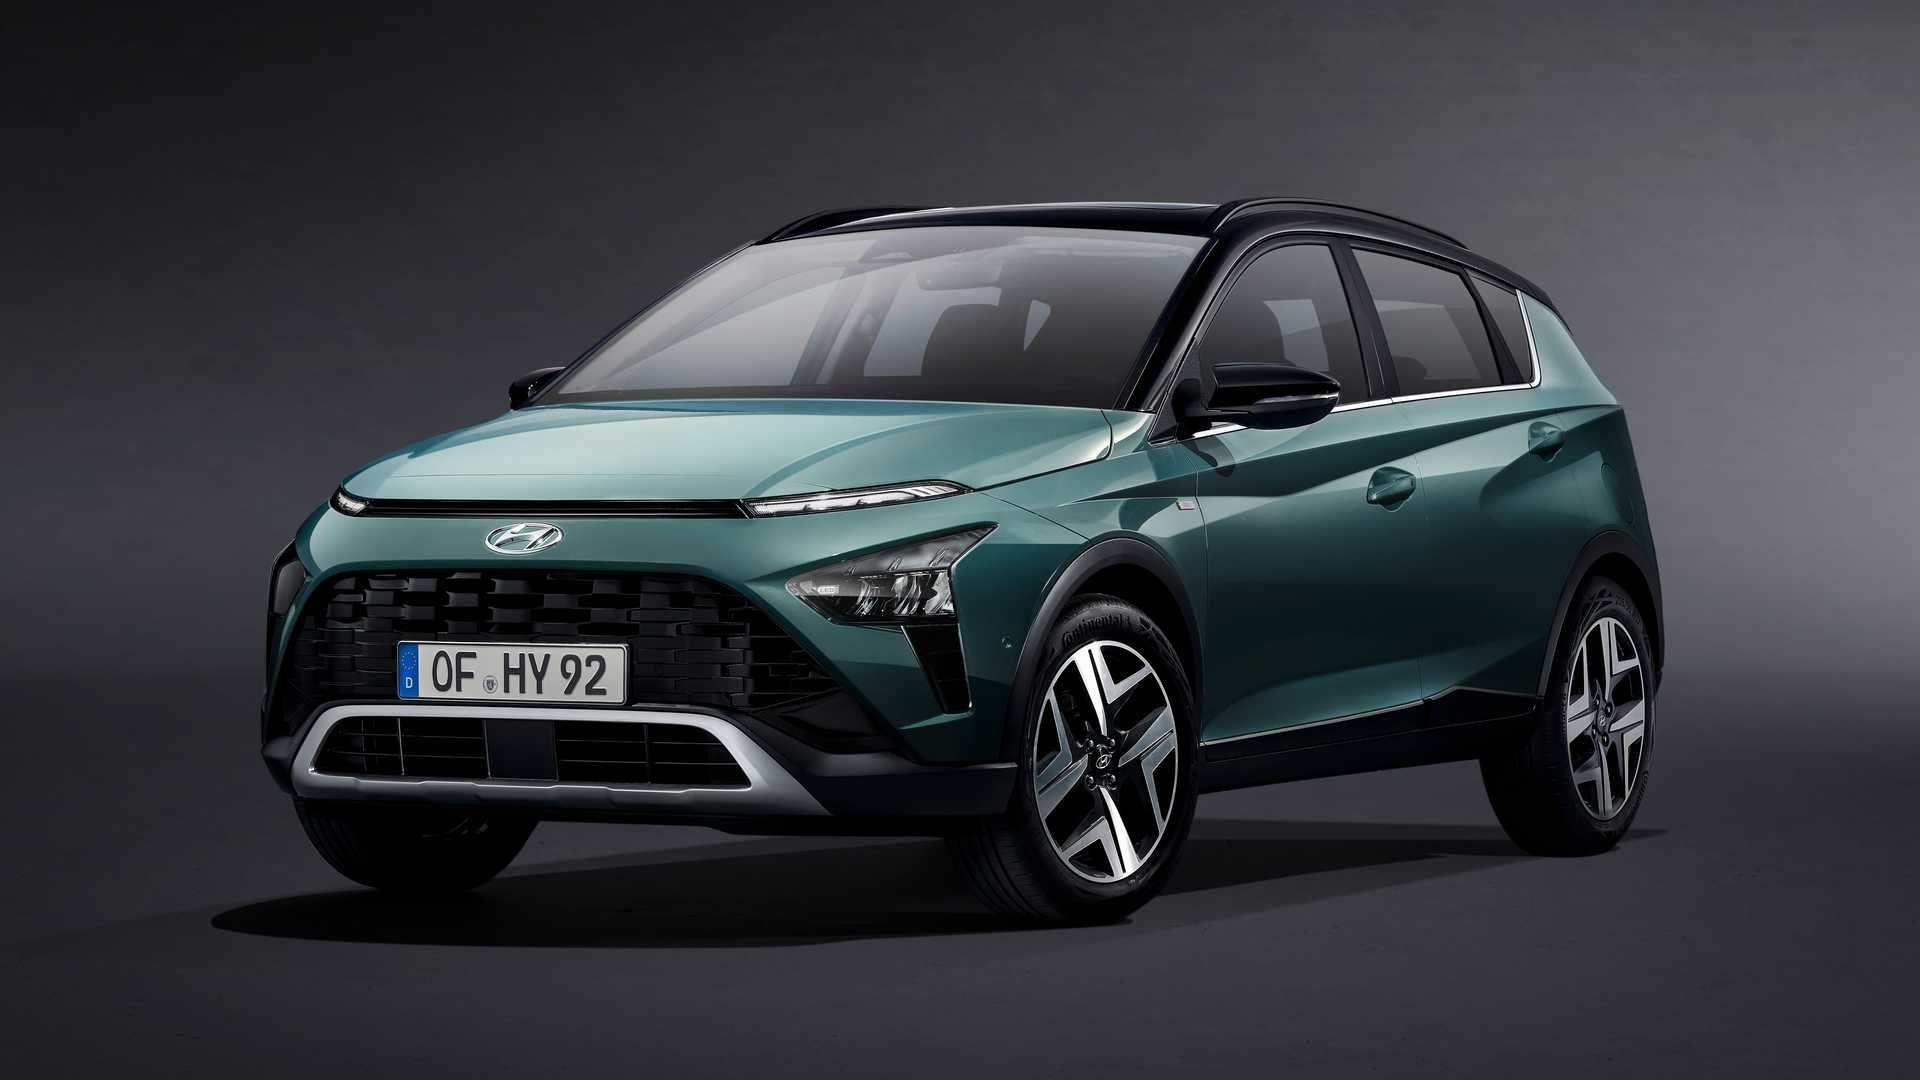 Hyundai presenta a Bayon, un nuevo SUV compacto